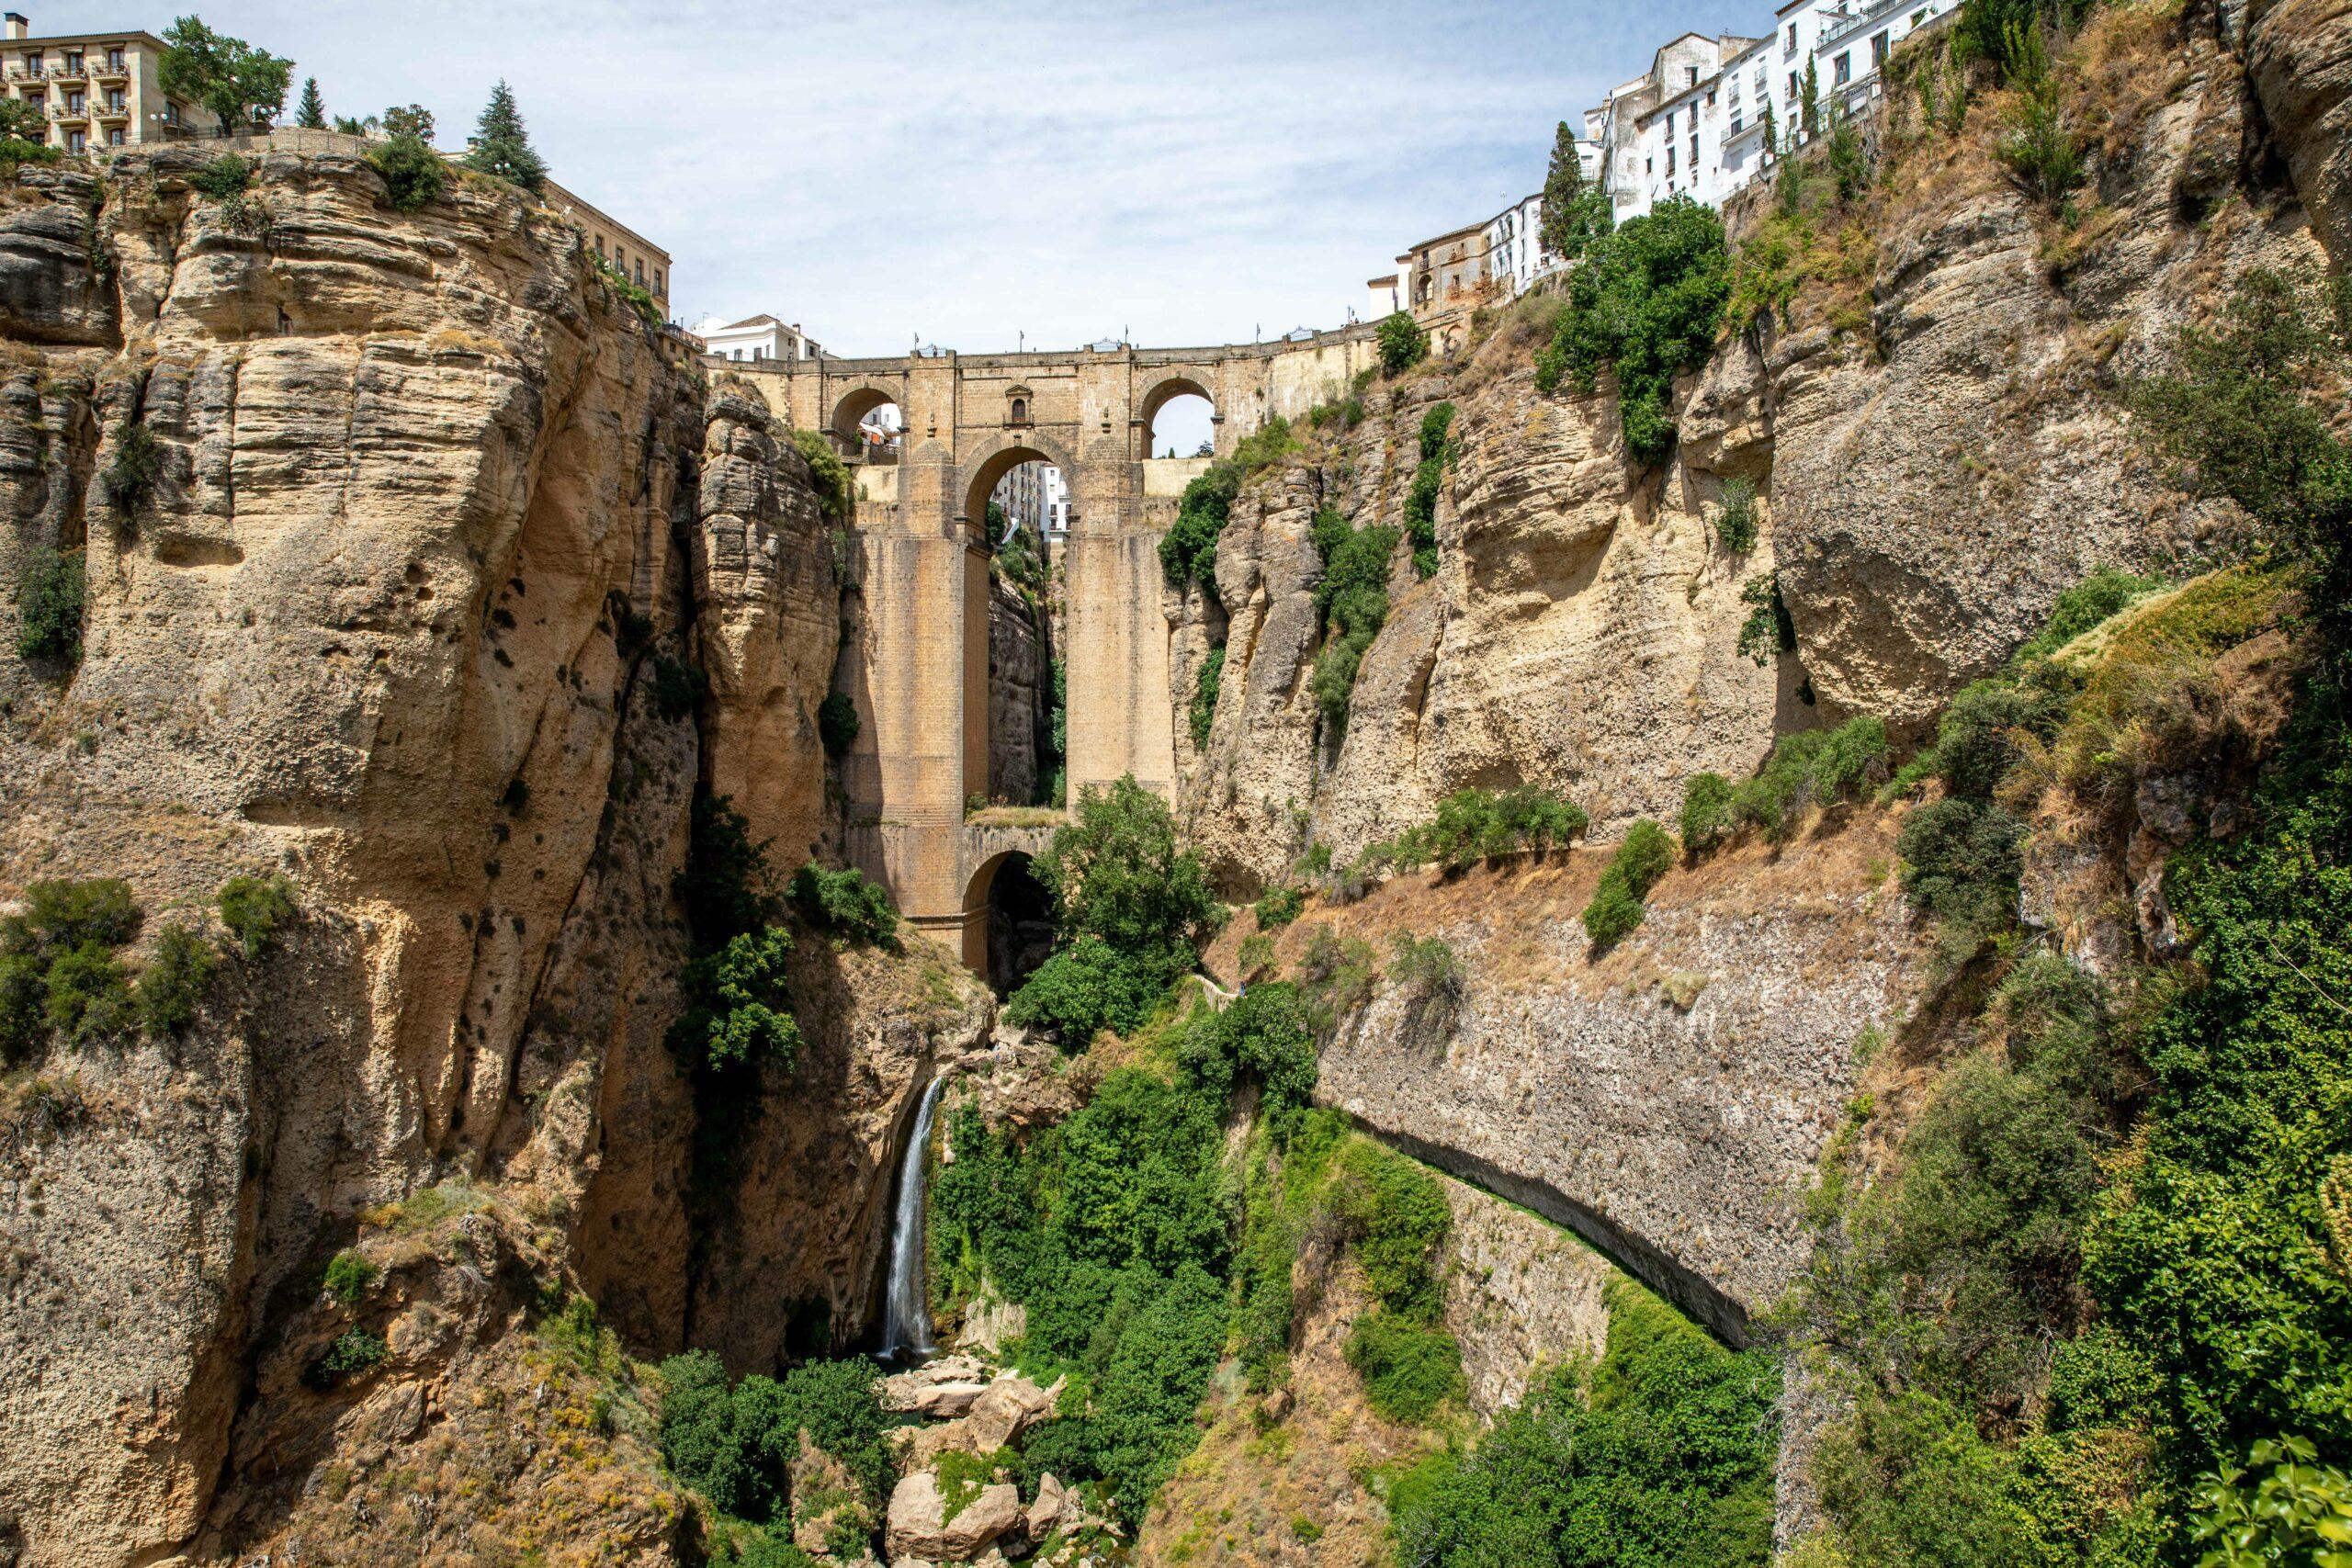 ยลทิวทัศน์งดงามของ 'รอนดา' เมืองริมผาสูงชันในสเปน